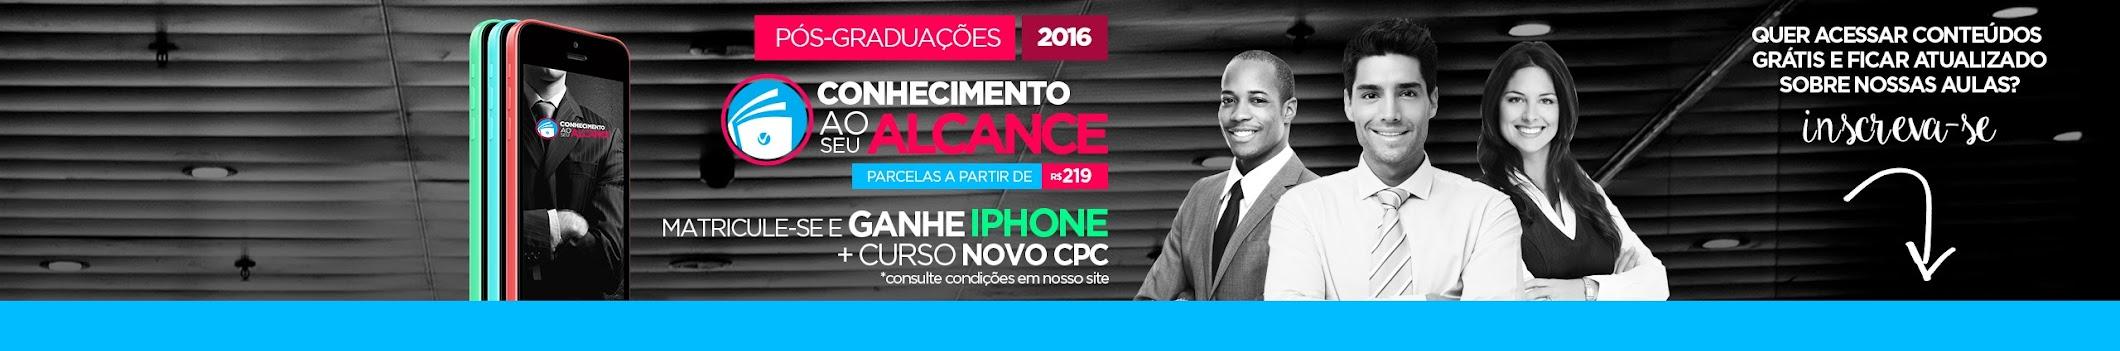 CONCURSO INSS 2016 - Seguridade Social